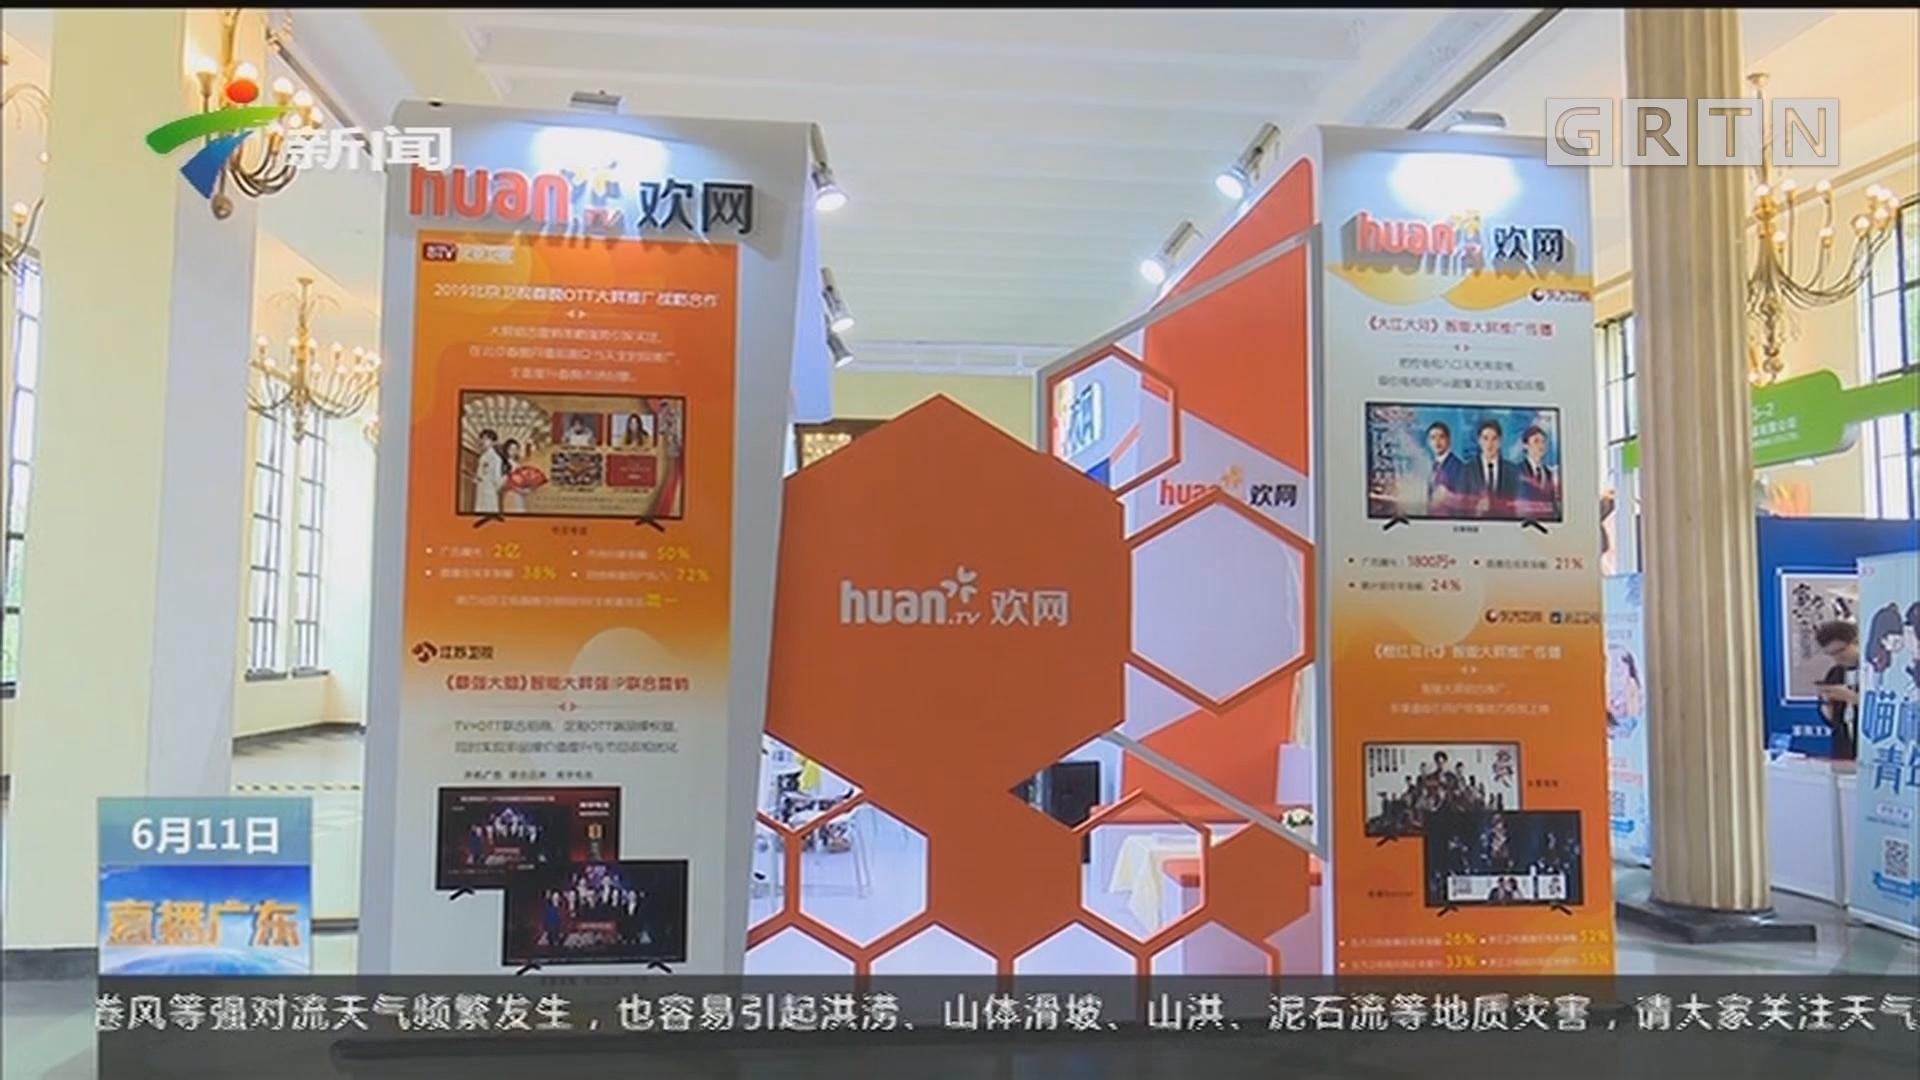 第25届上海电视节昨天开幕:近千部中外电视作品参赛参展